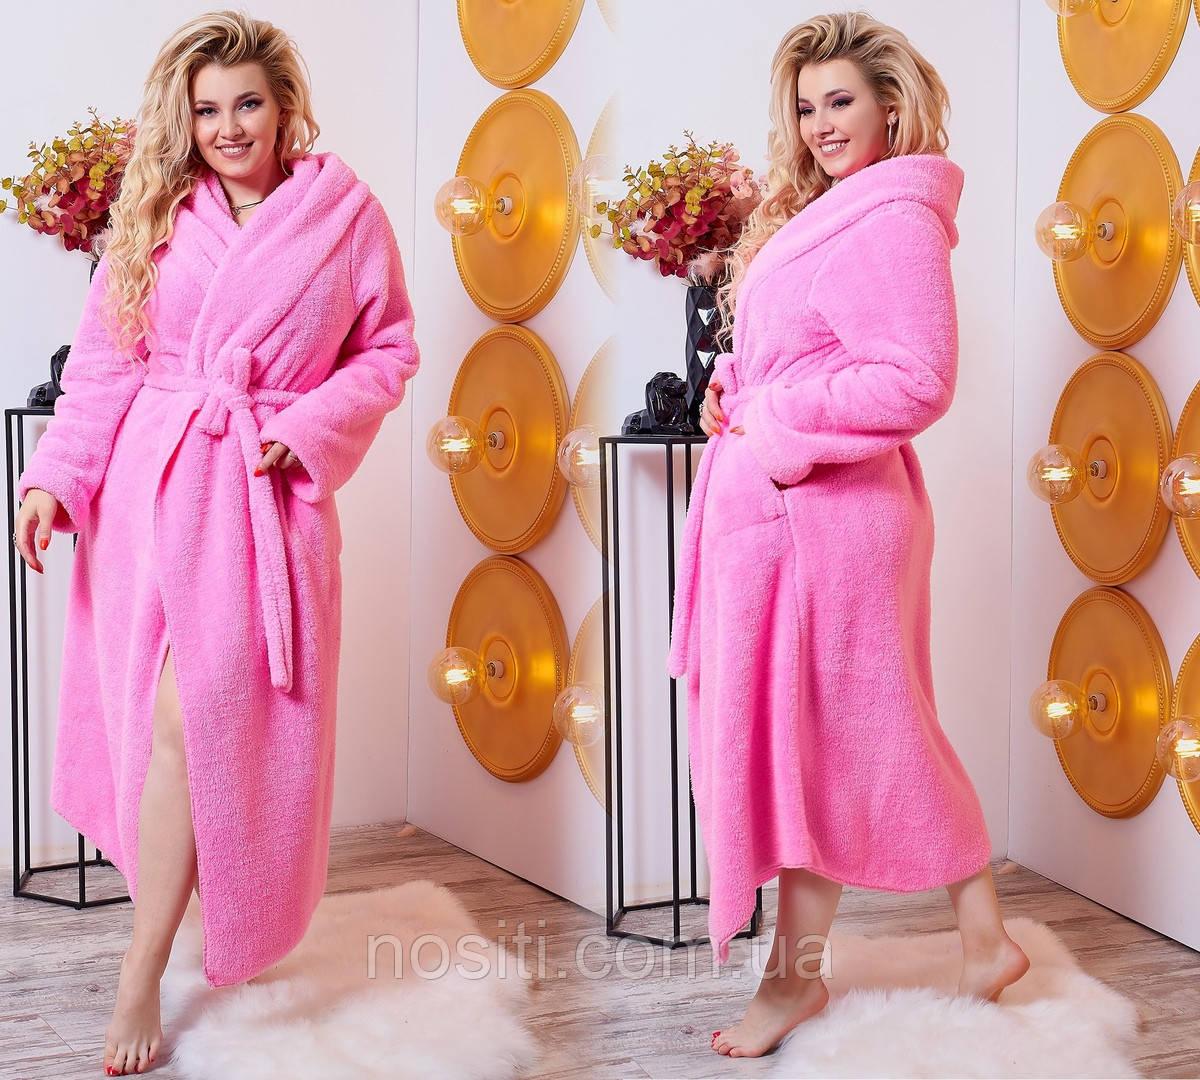 Женский теплый халат в пол